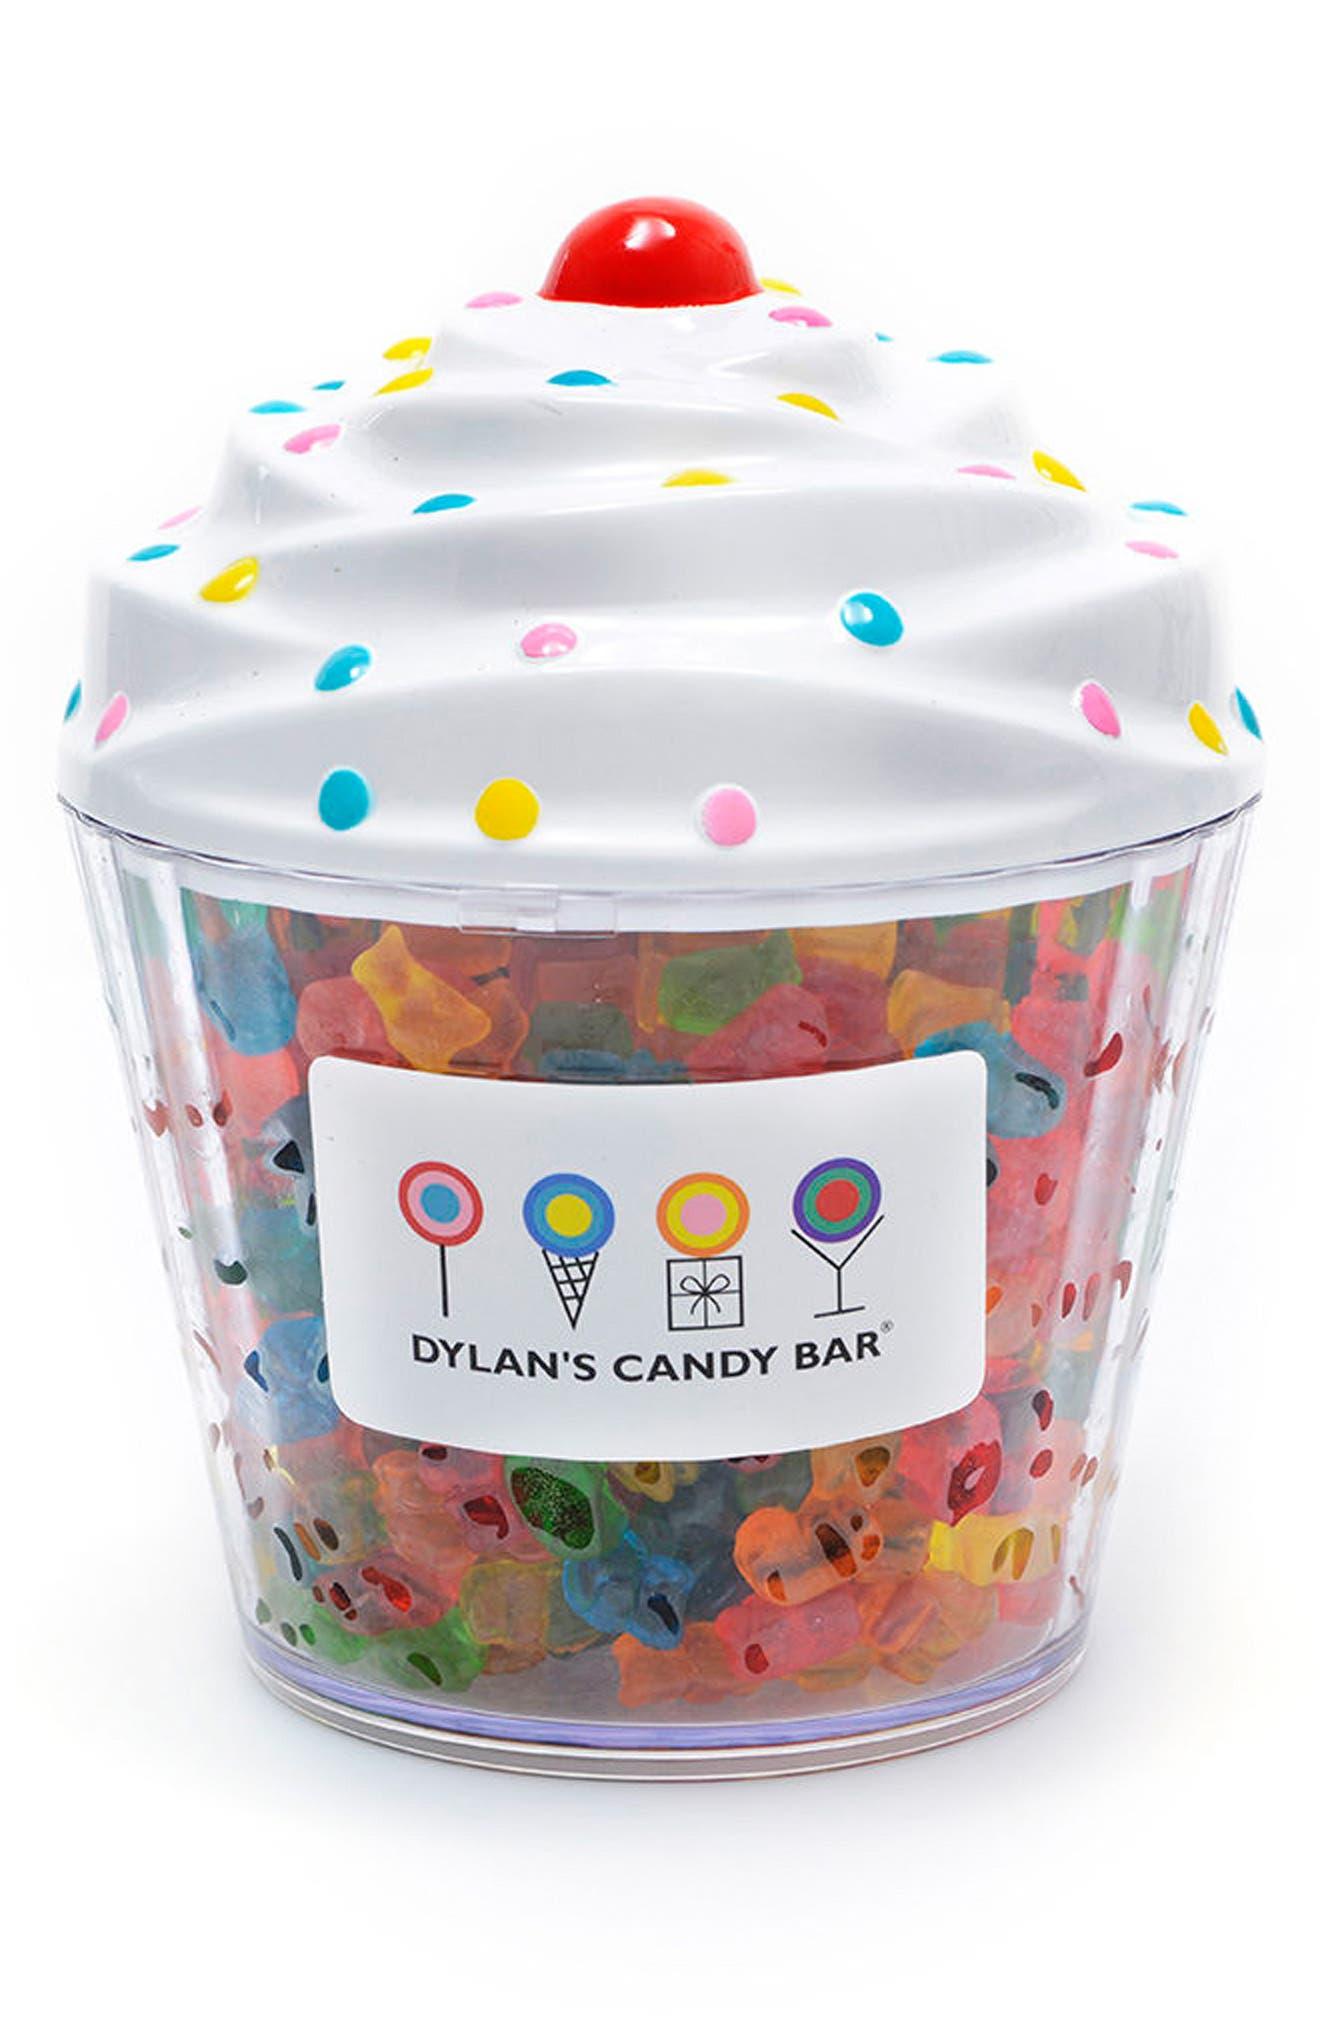 Dylan's Candy Bar Gummy Bears Cupcake